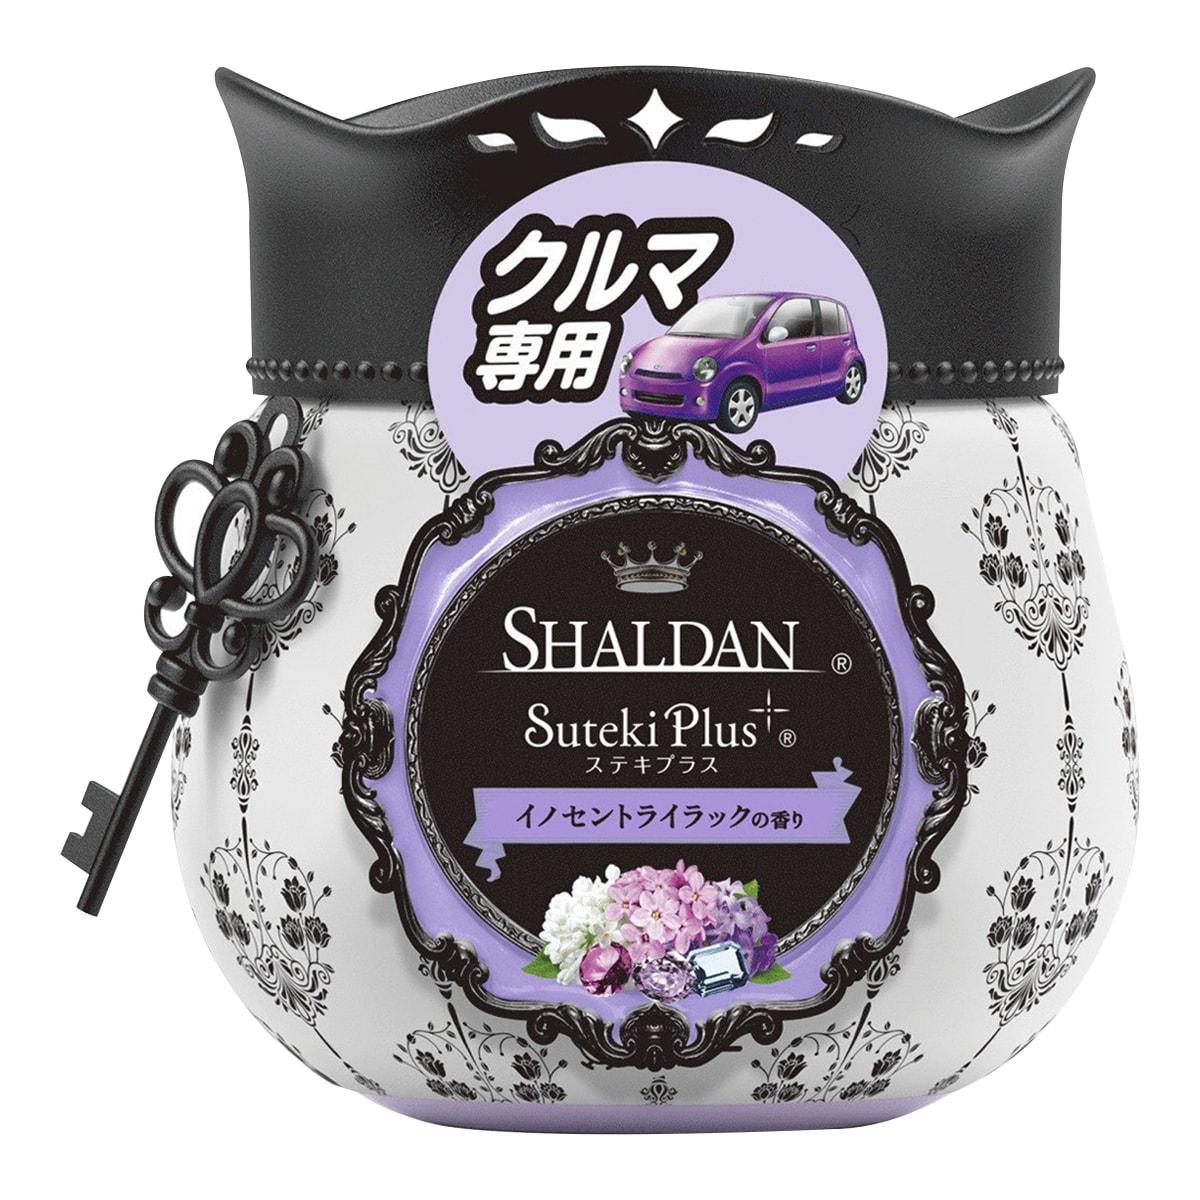 日本ST鸡仔牌 SHALDAN 车用梦幻香水果冻芳香剂 #紫丁花香 90g